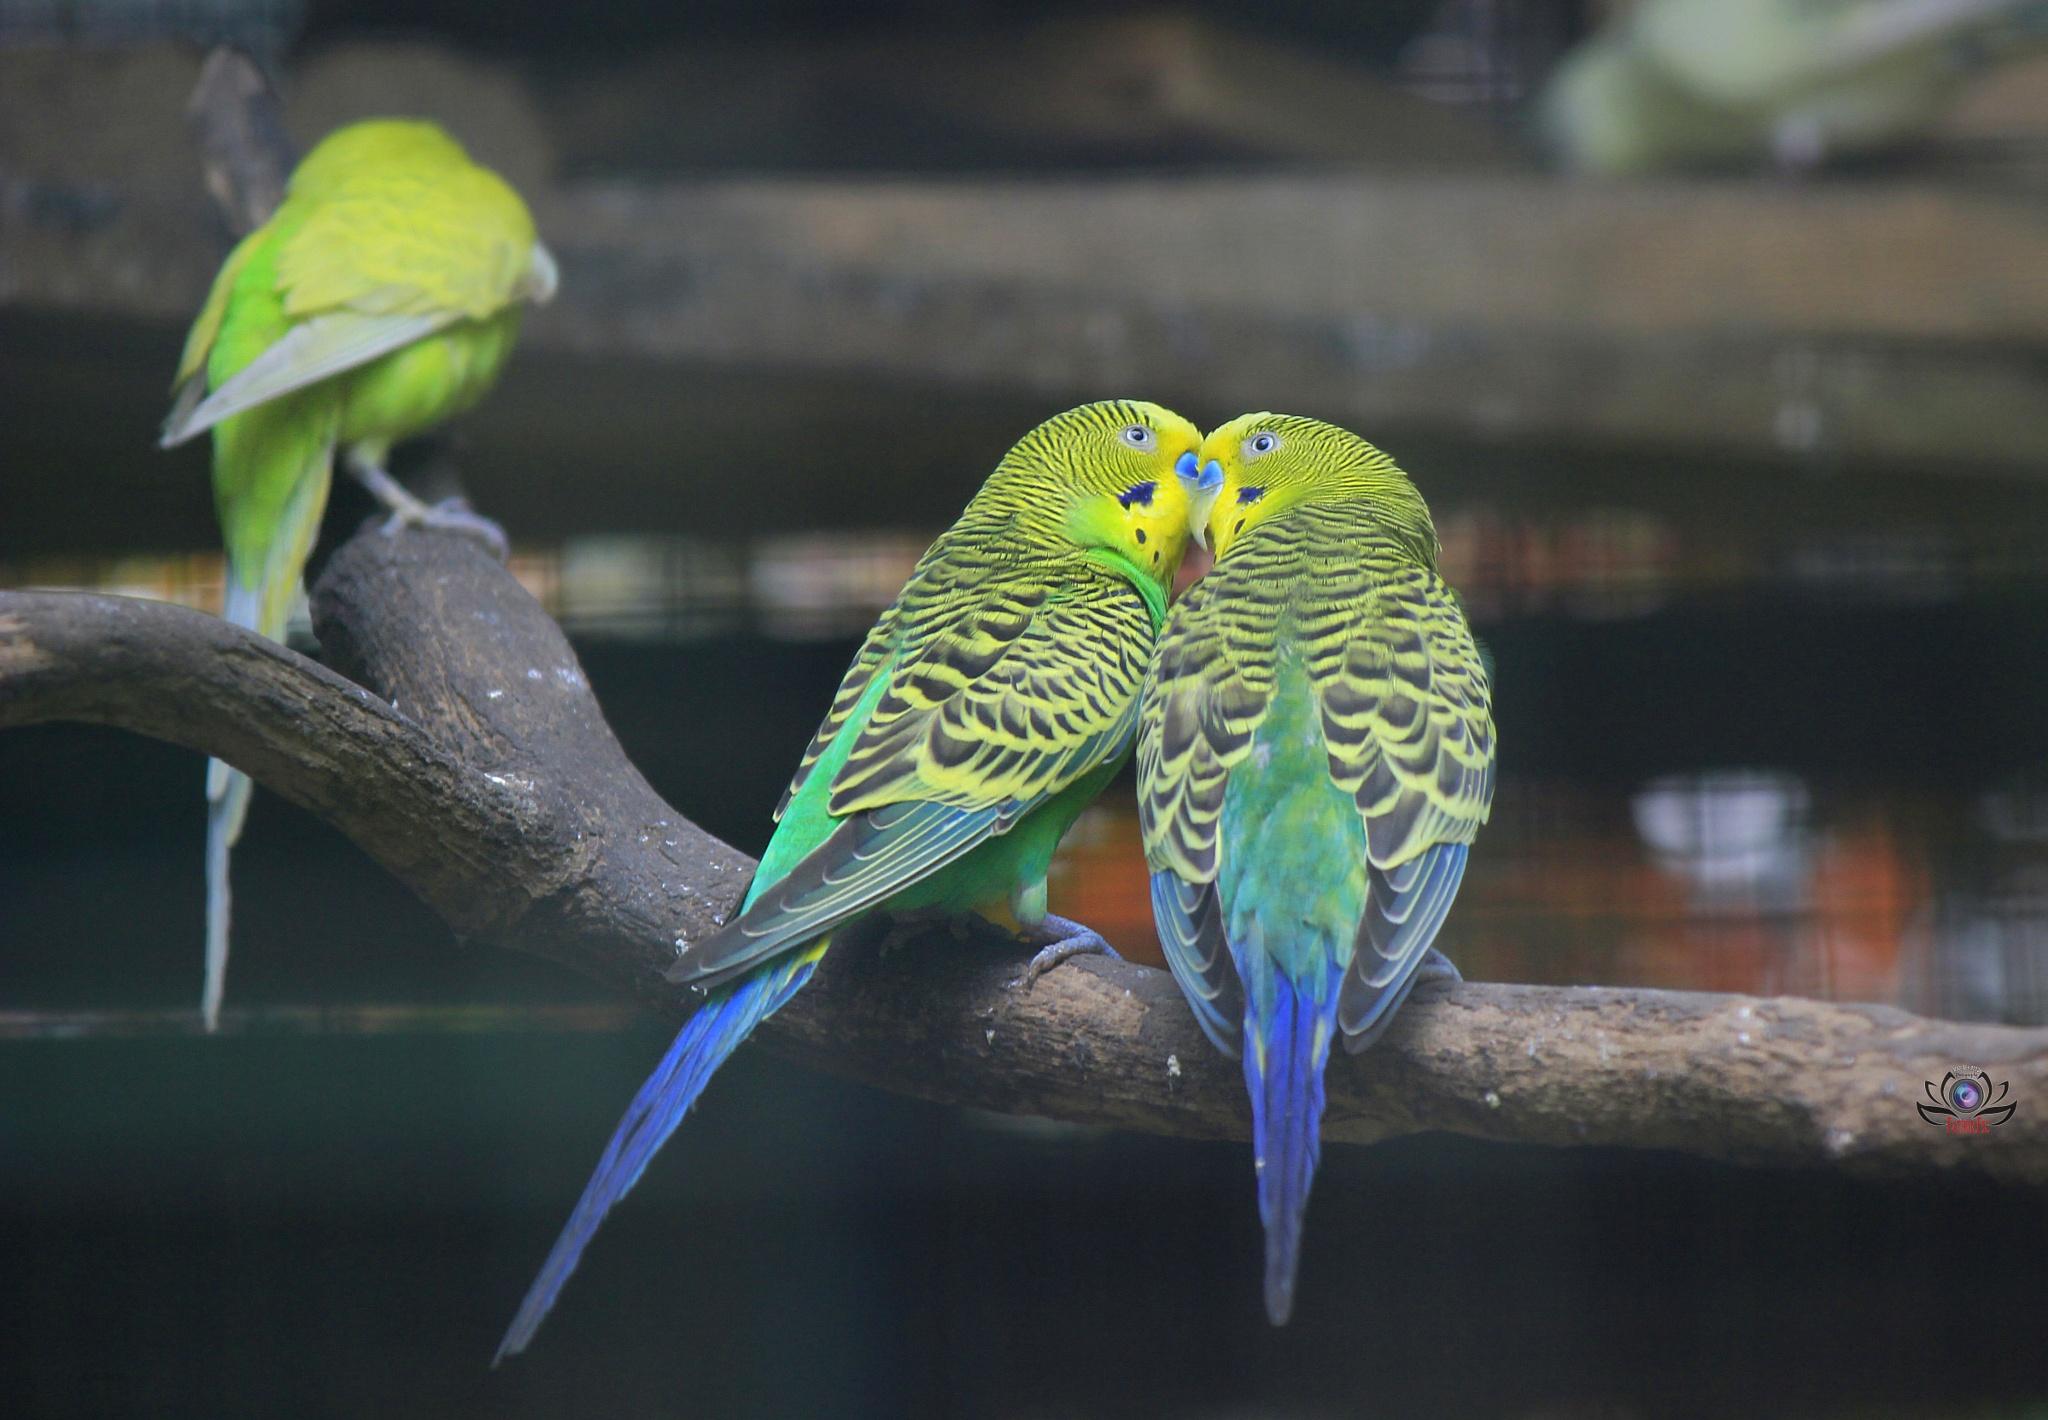 Parkit Bird by Fathur Fsc